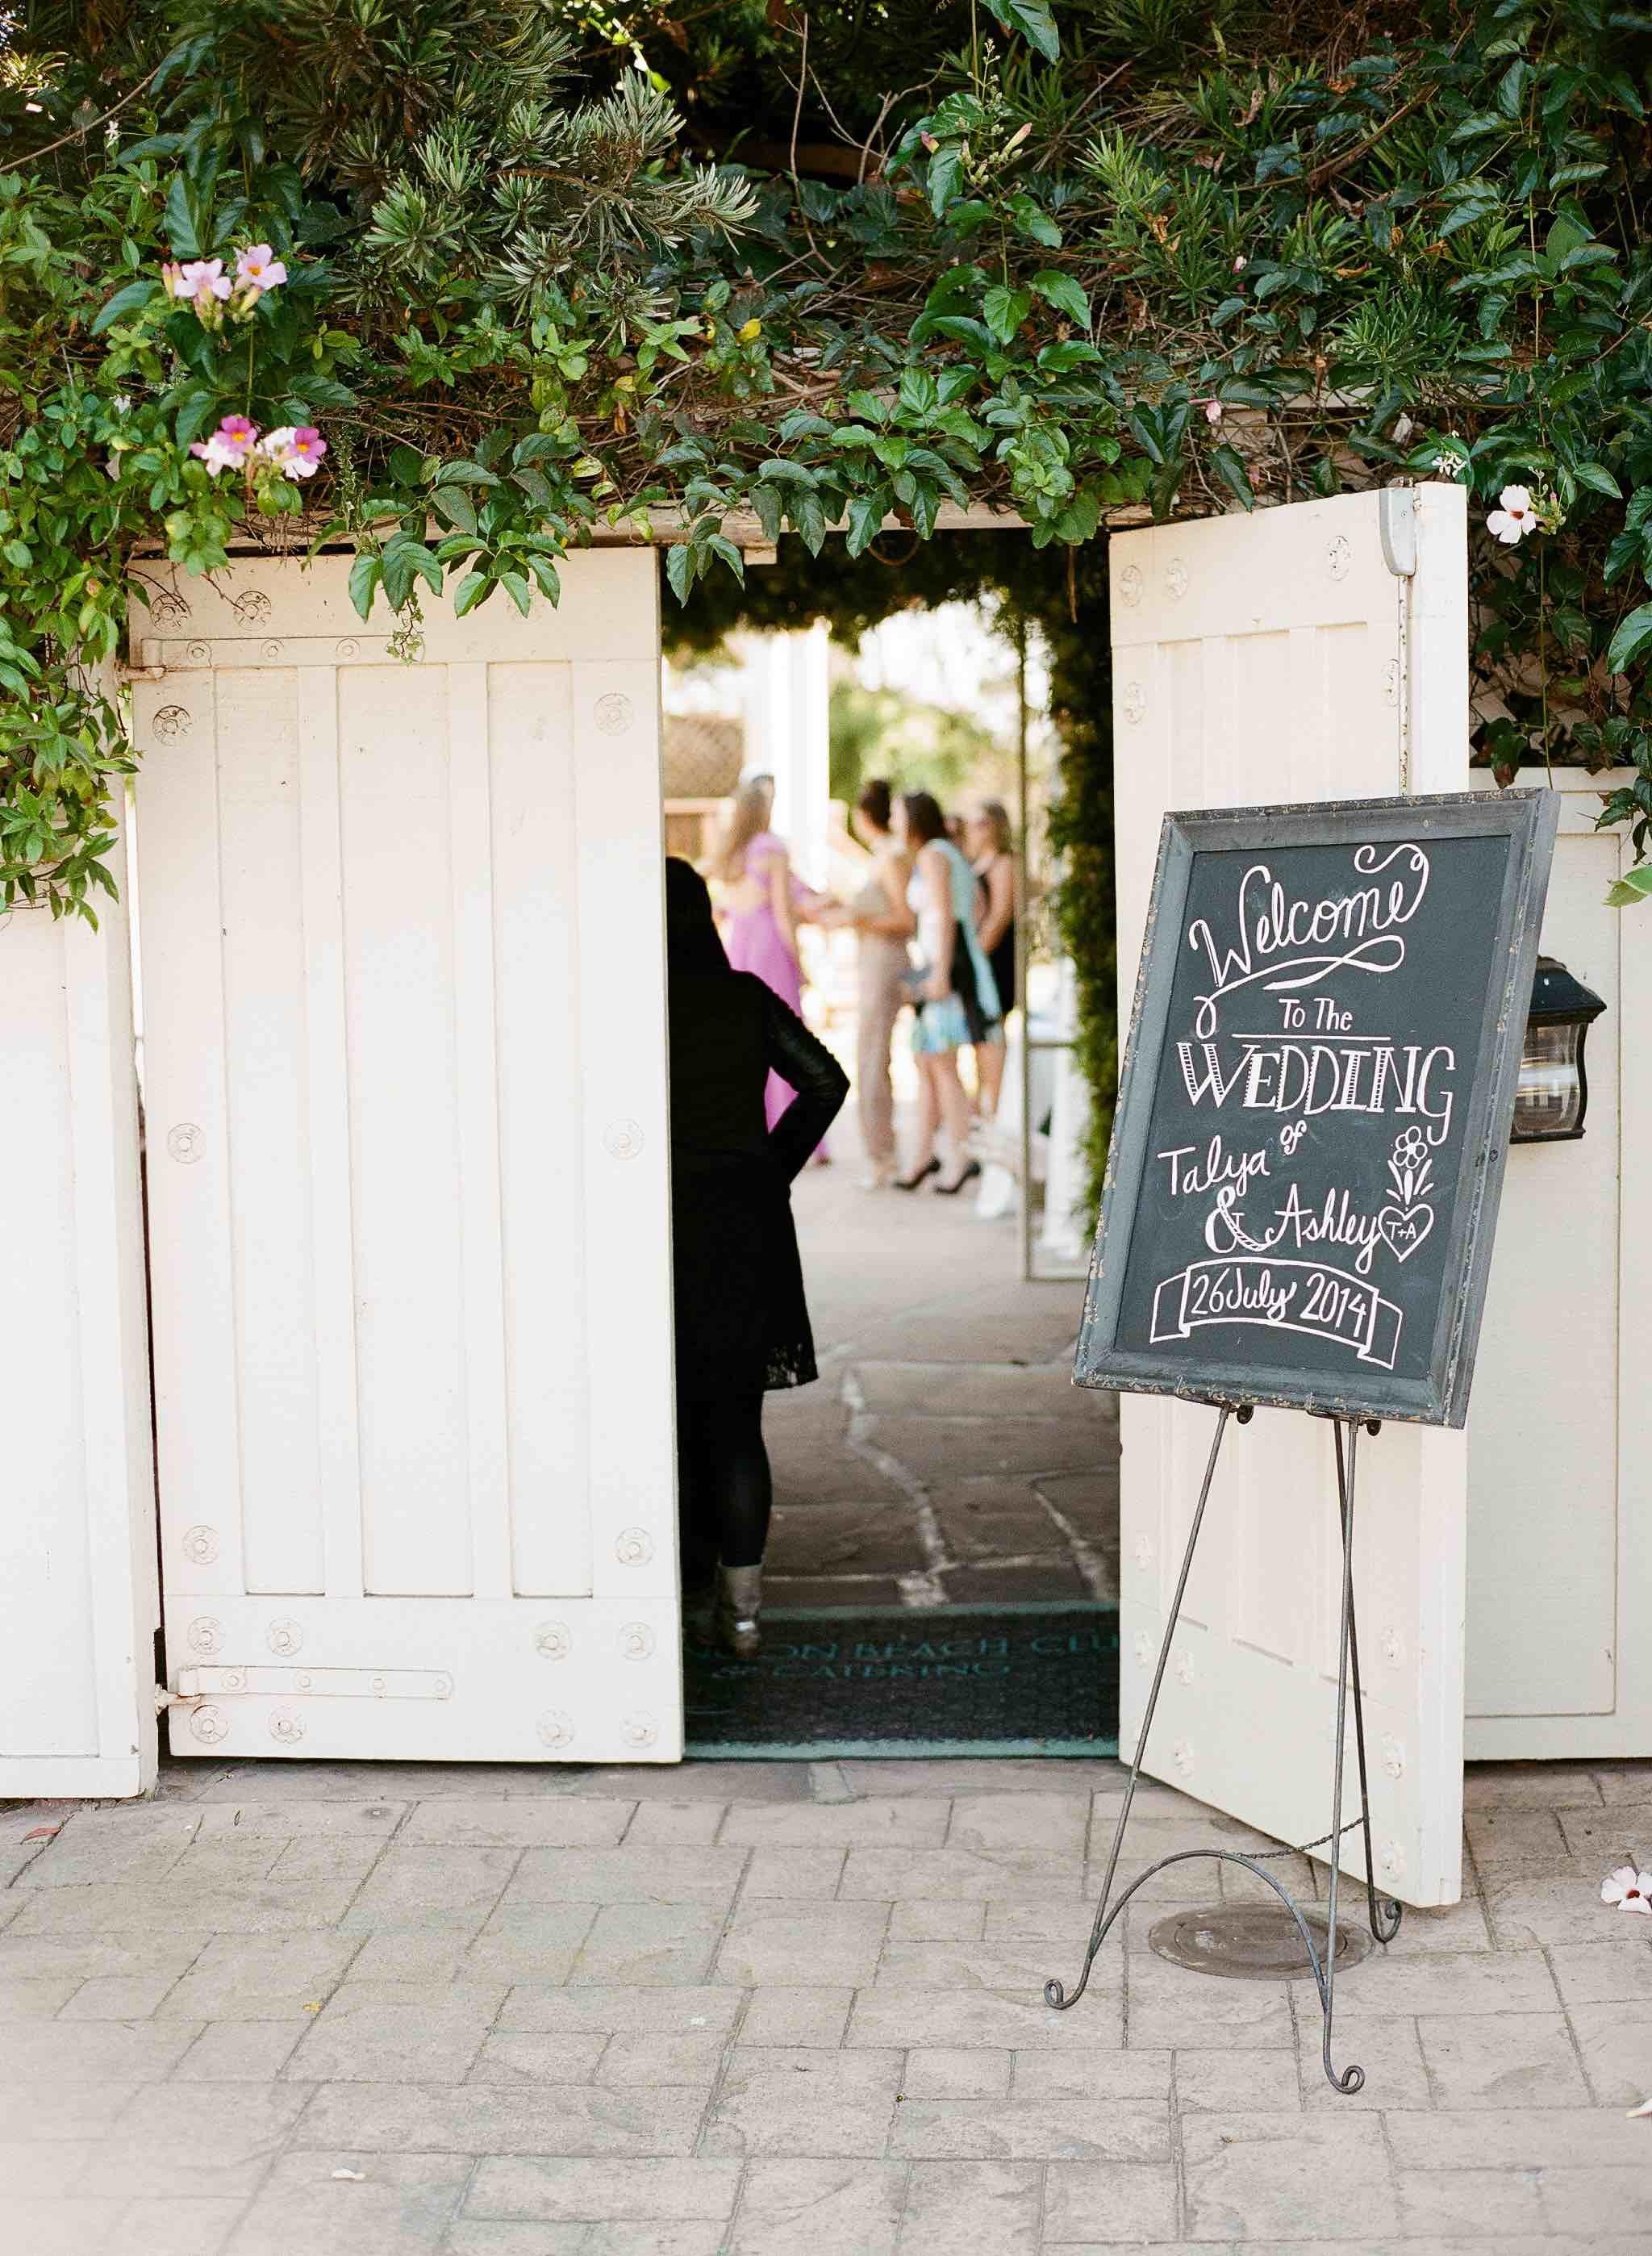 Santa Barbara wedding venue entrance signs